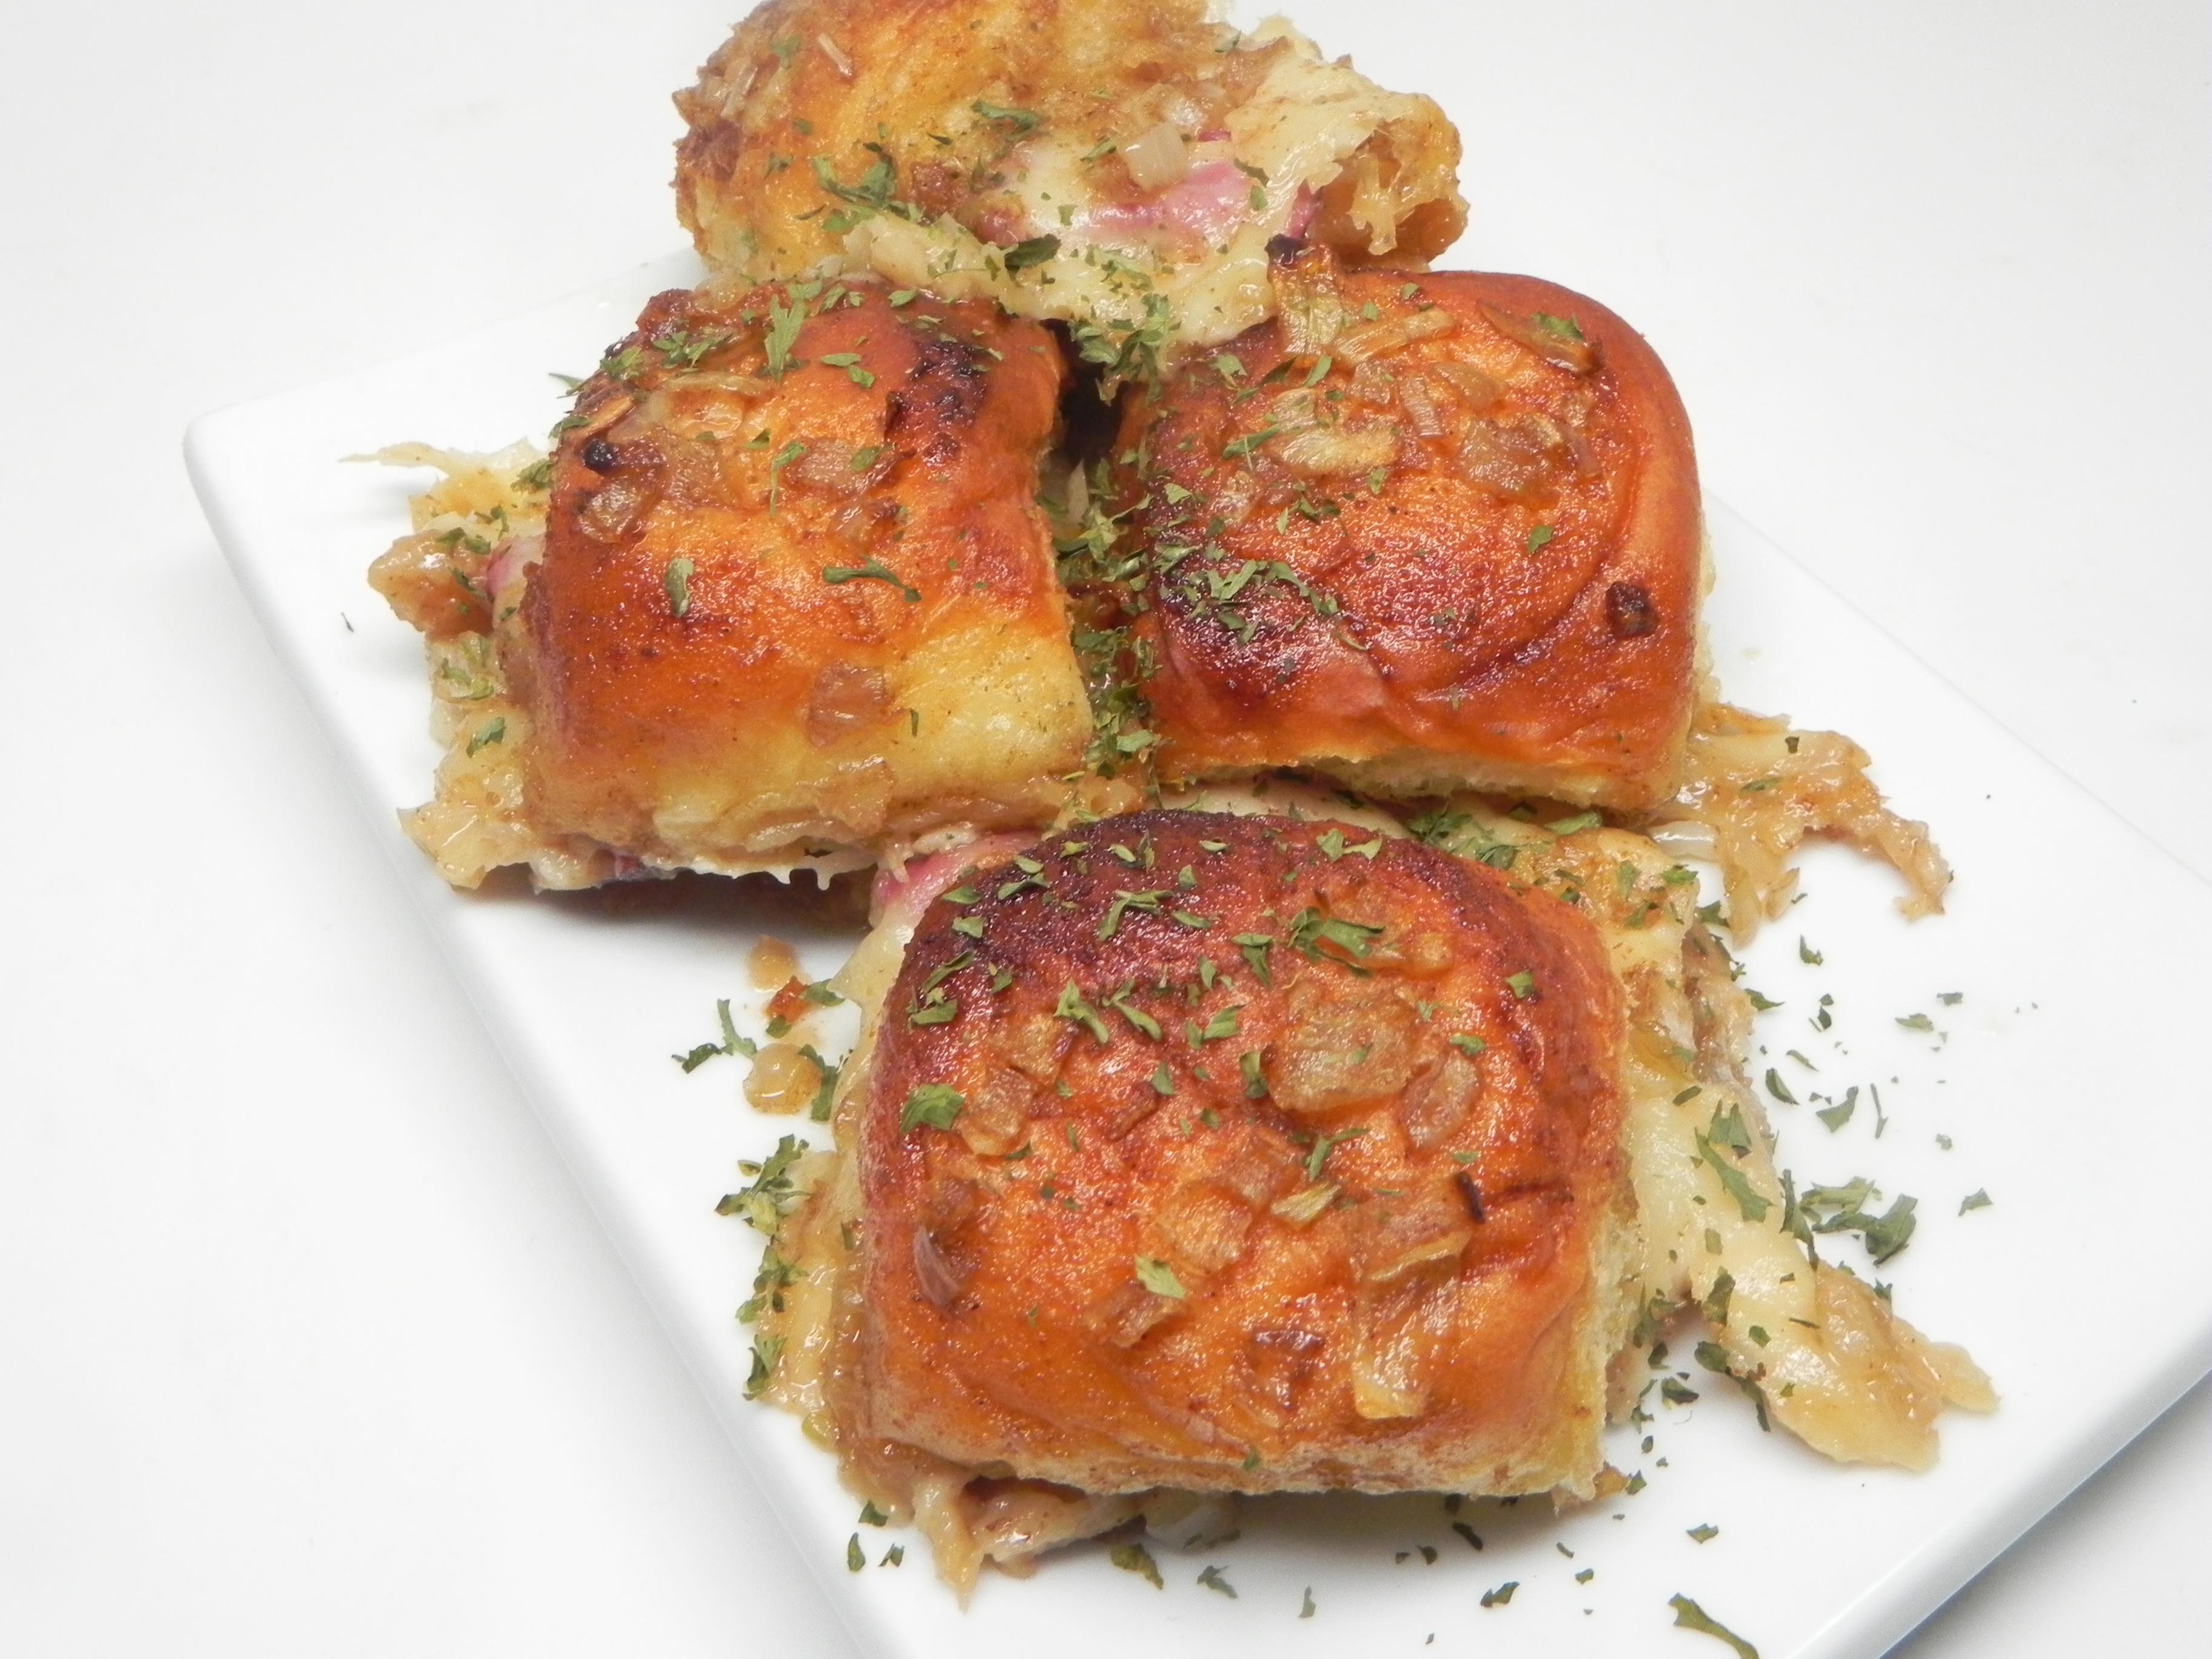 Hawaiian Roll Roast Beef and Cheese Sandwiches